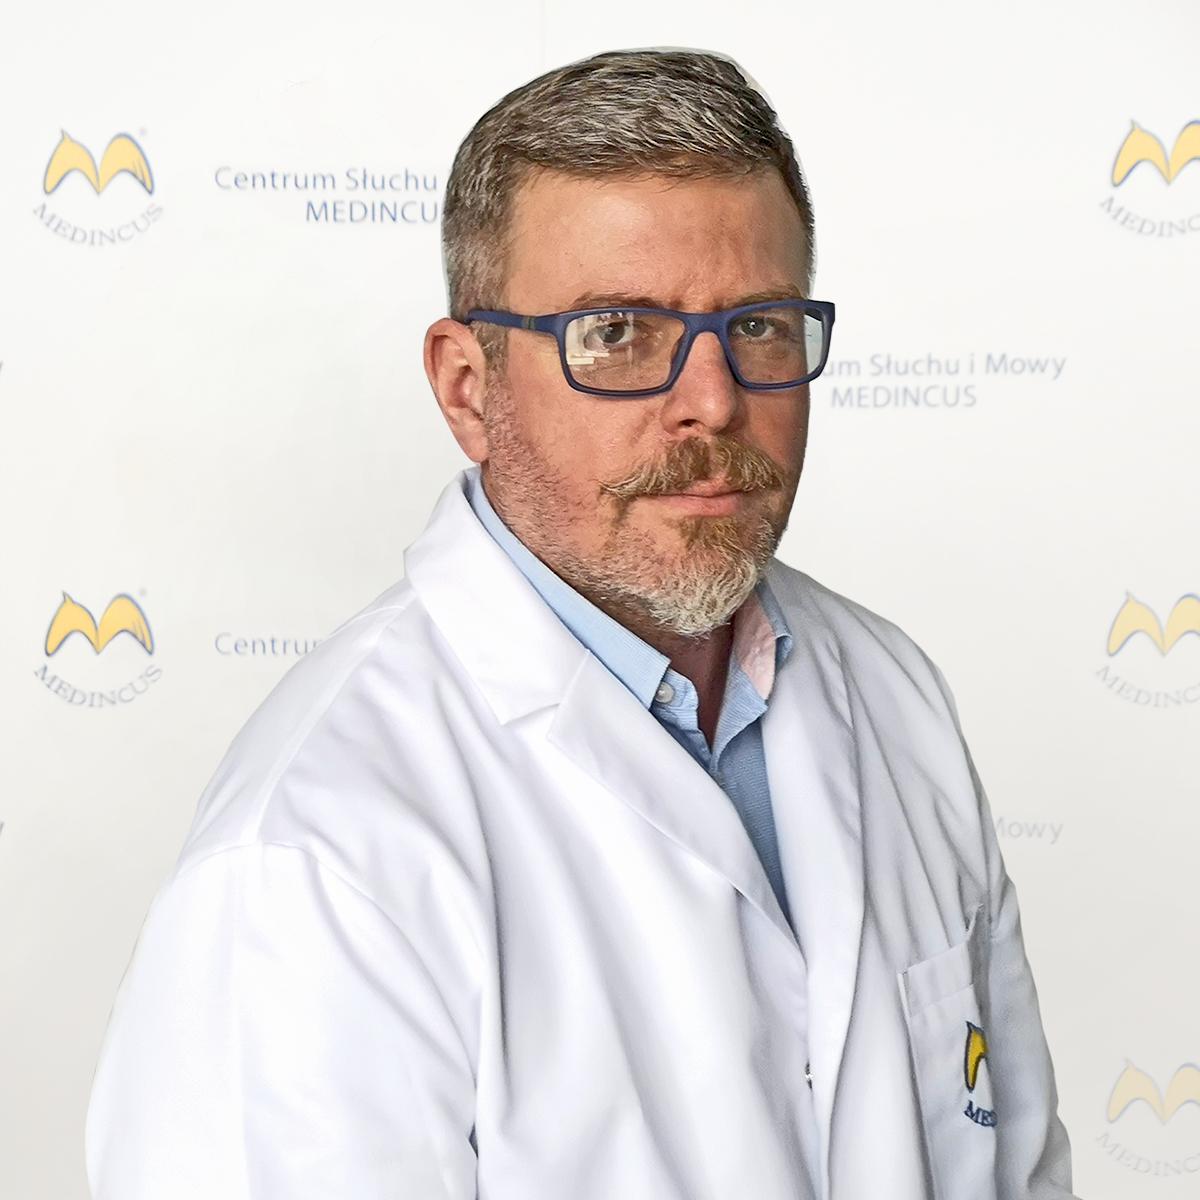 DR_ORLOWSKI-2-1200x1200.png